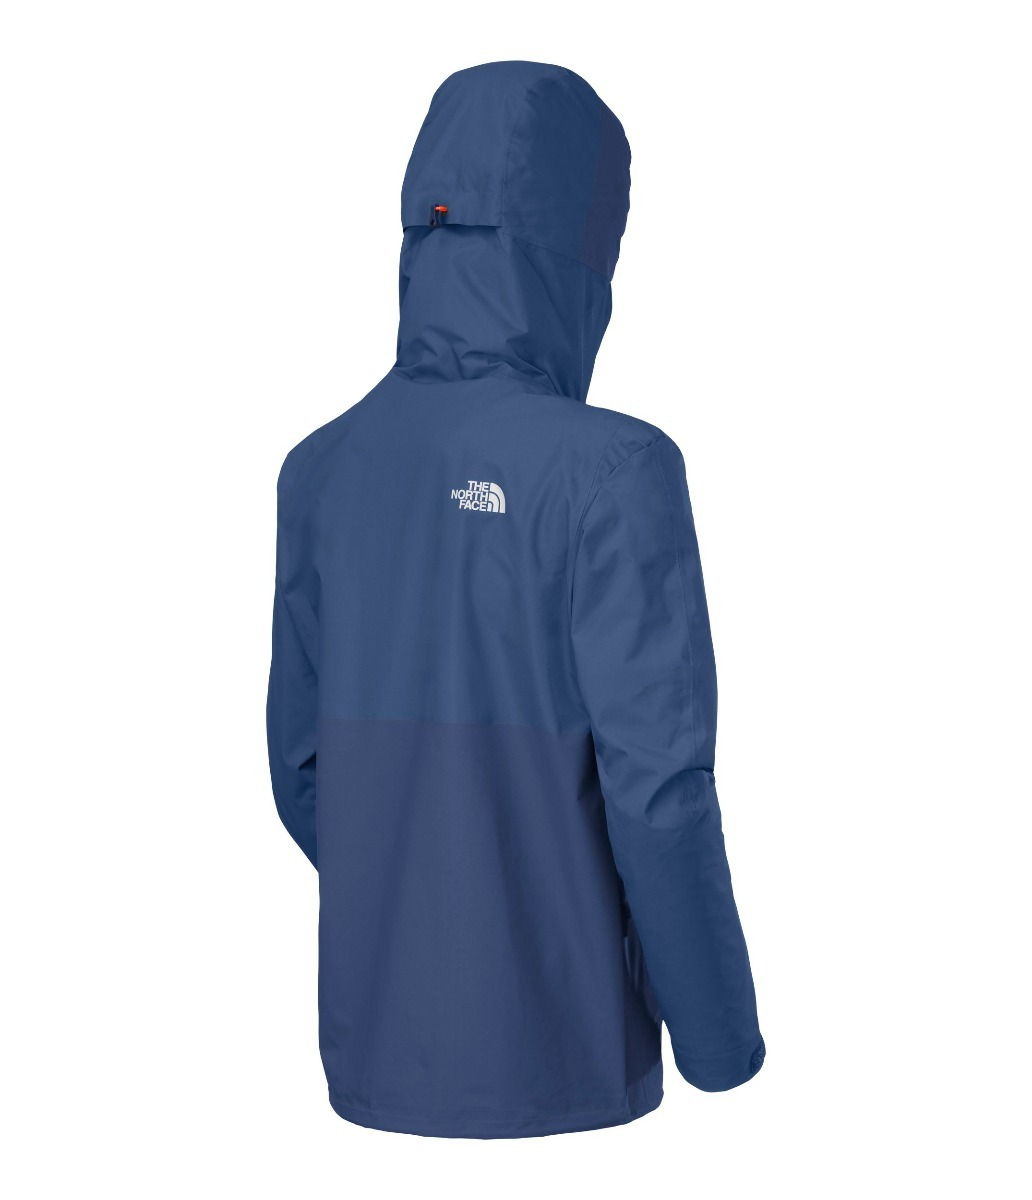 Originator 1 W0q Chaqueta North Face Jacket Fuse 235 Hombre awgn0xqEU